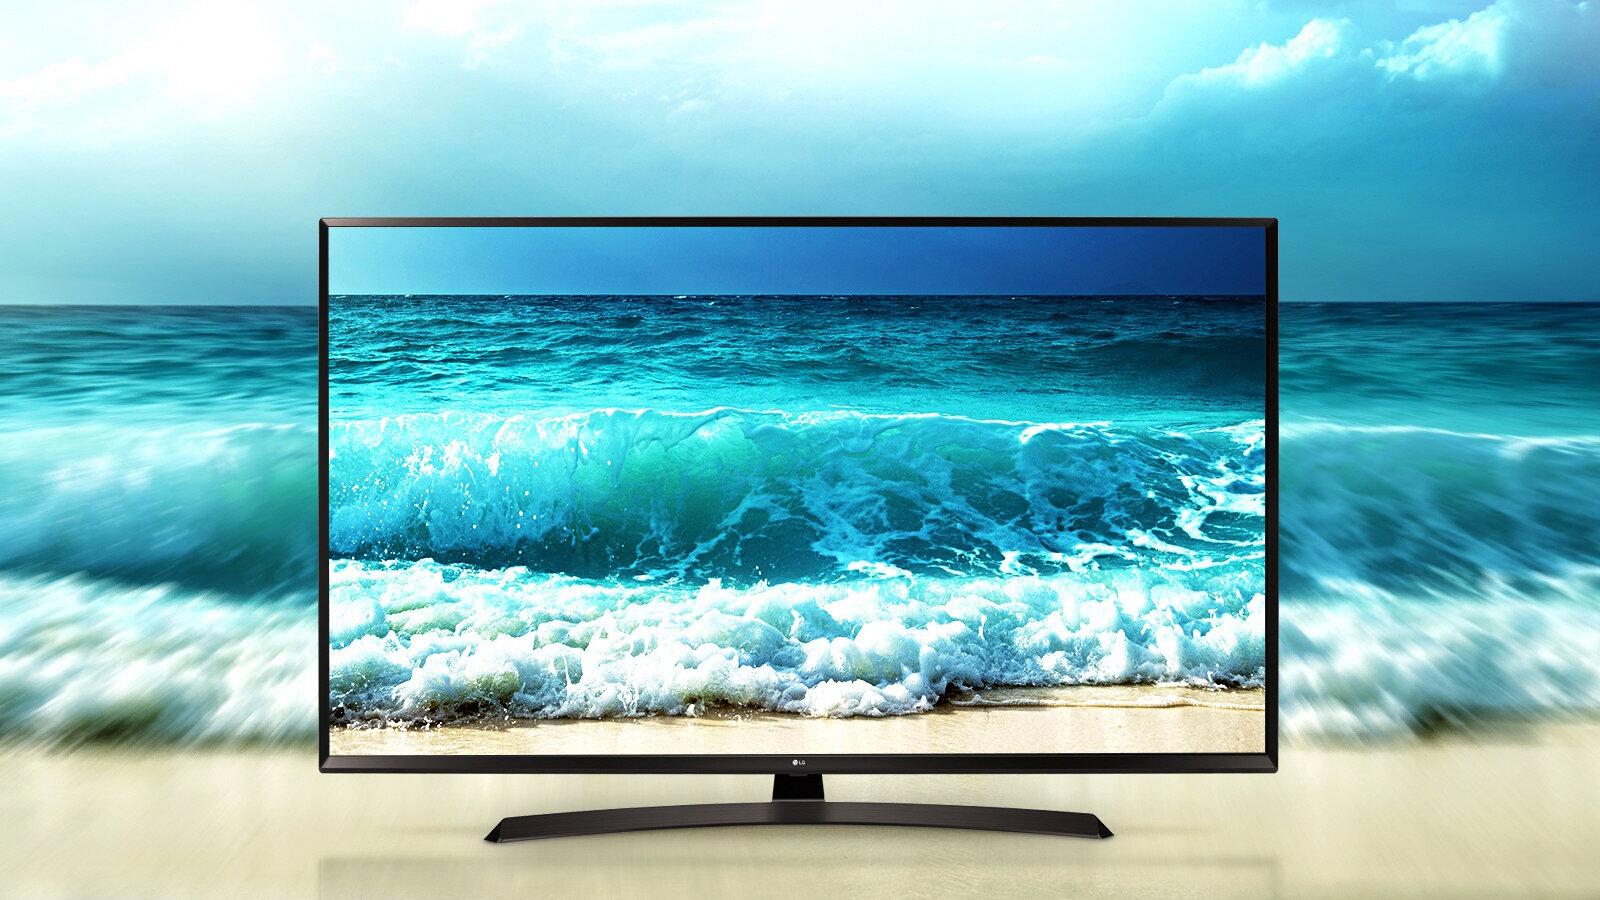 Nhiều Mẫu tivi dưới 10 triệu như Sony KDL 40 inch có thể làm hài lòng bạn